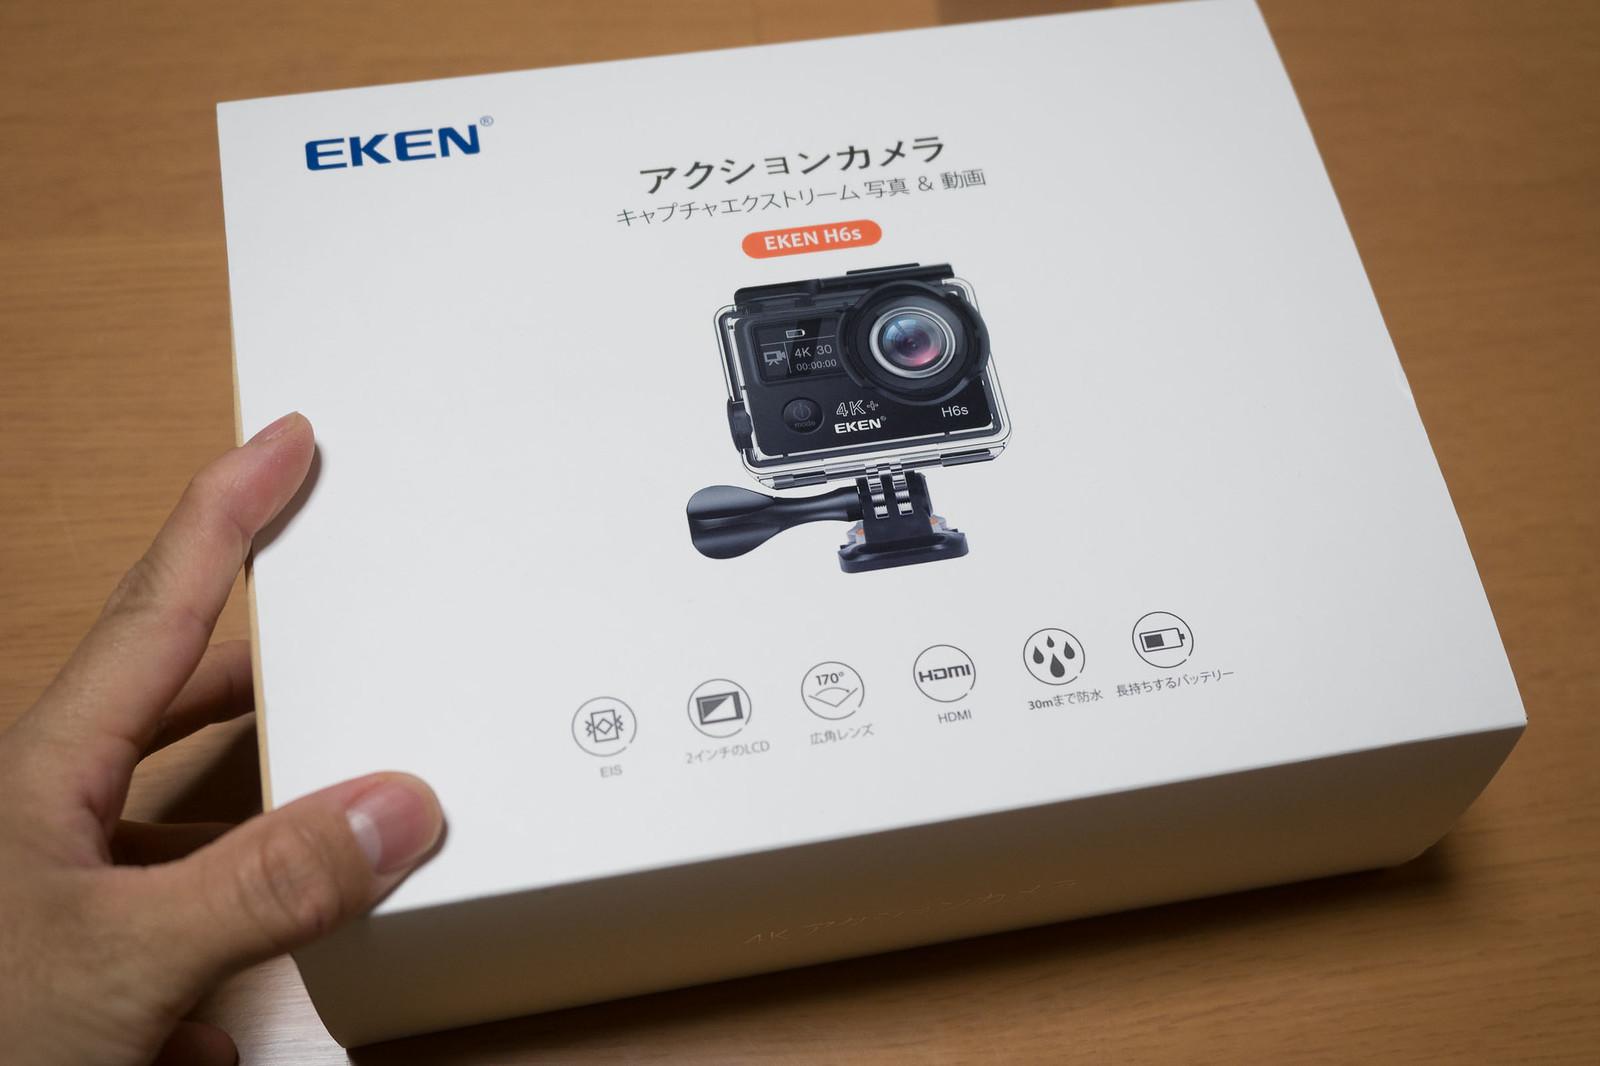 EKEN_4K_actionCam-1